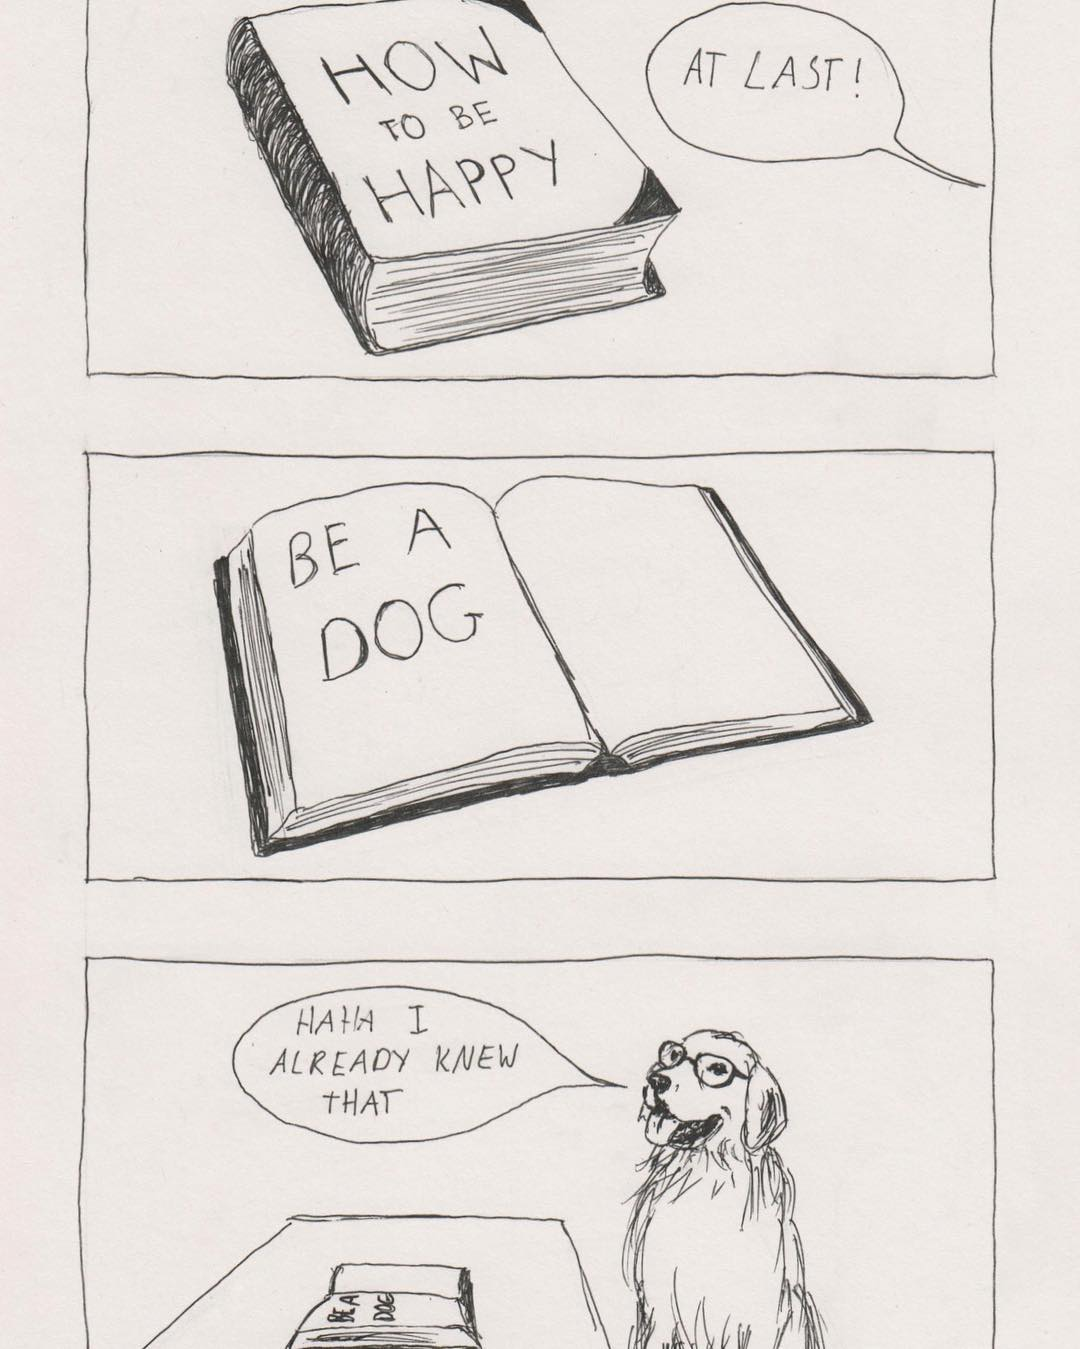 18張讓你只能哭著點頭的「超有共鳴插畫」 打開《如何快樂》的書...答案早就知道了